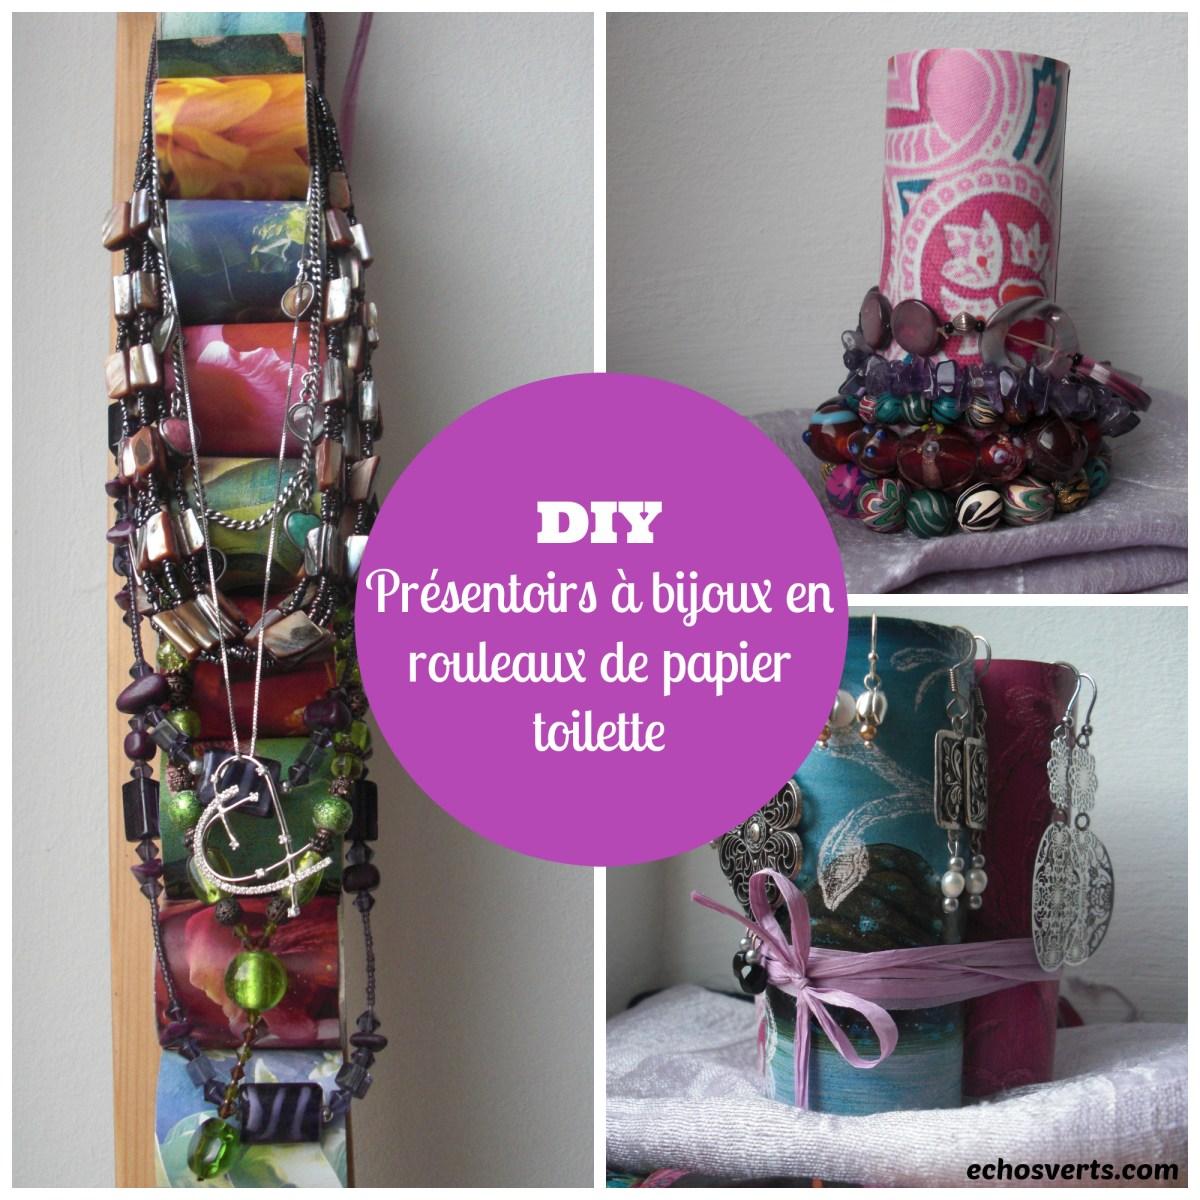 diy pr sentoirs bijoux en rouleaux de papier toilette. Black Bedroom Furniture Sets. Home Design Ideas